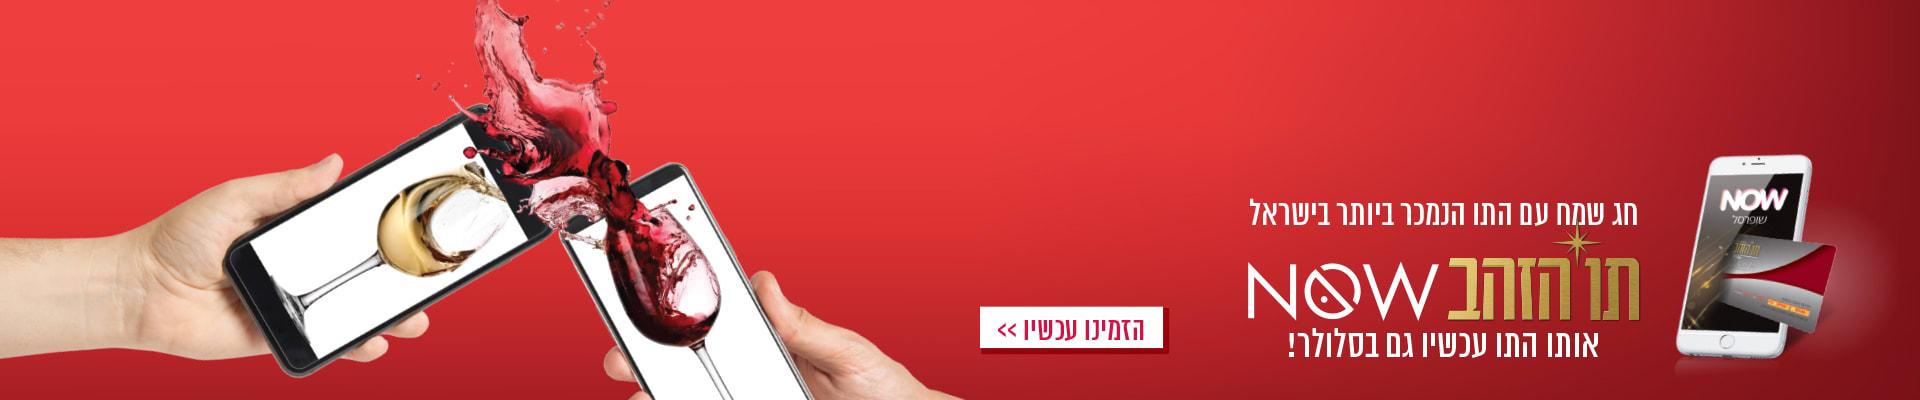 חג שמח עם התו הנמכר ביותר בישראל. תו הזהב NOW אותו התו עכשיו גם בסלולר! לרכישה